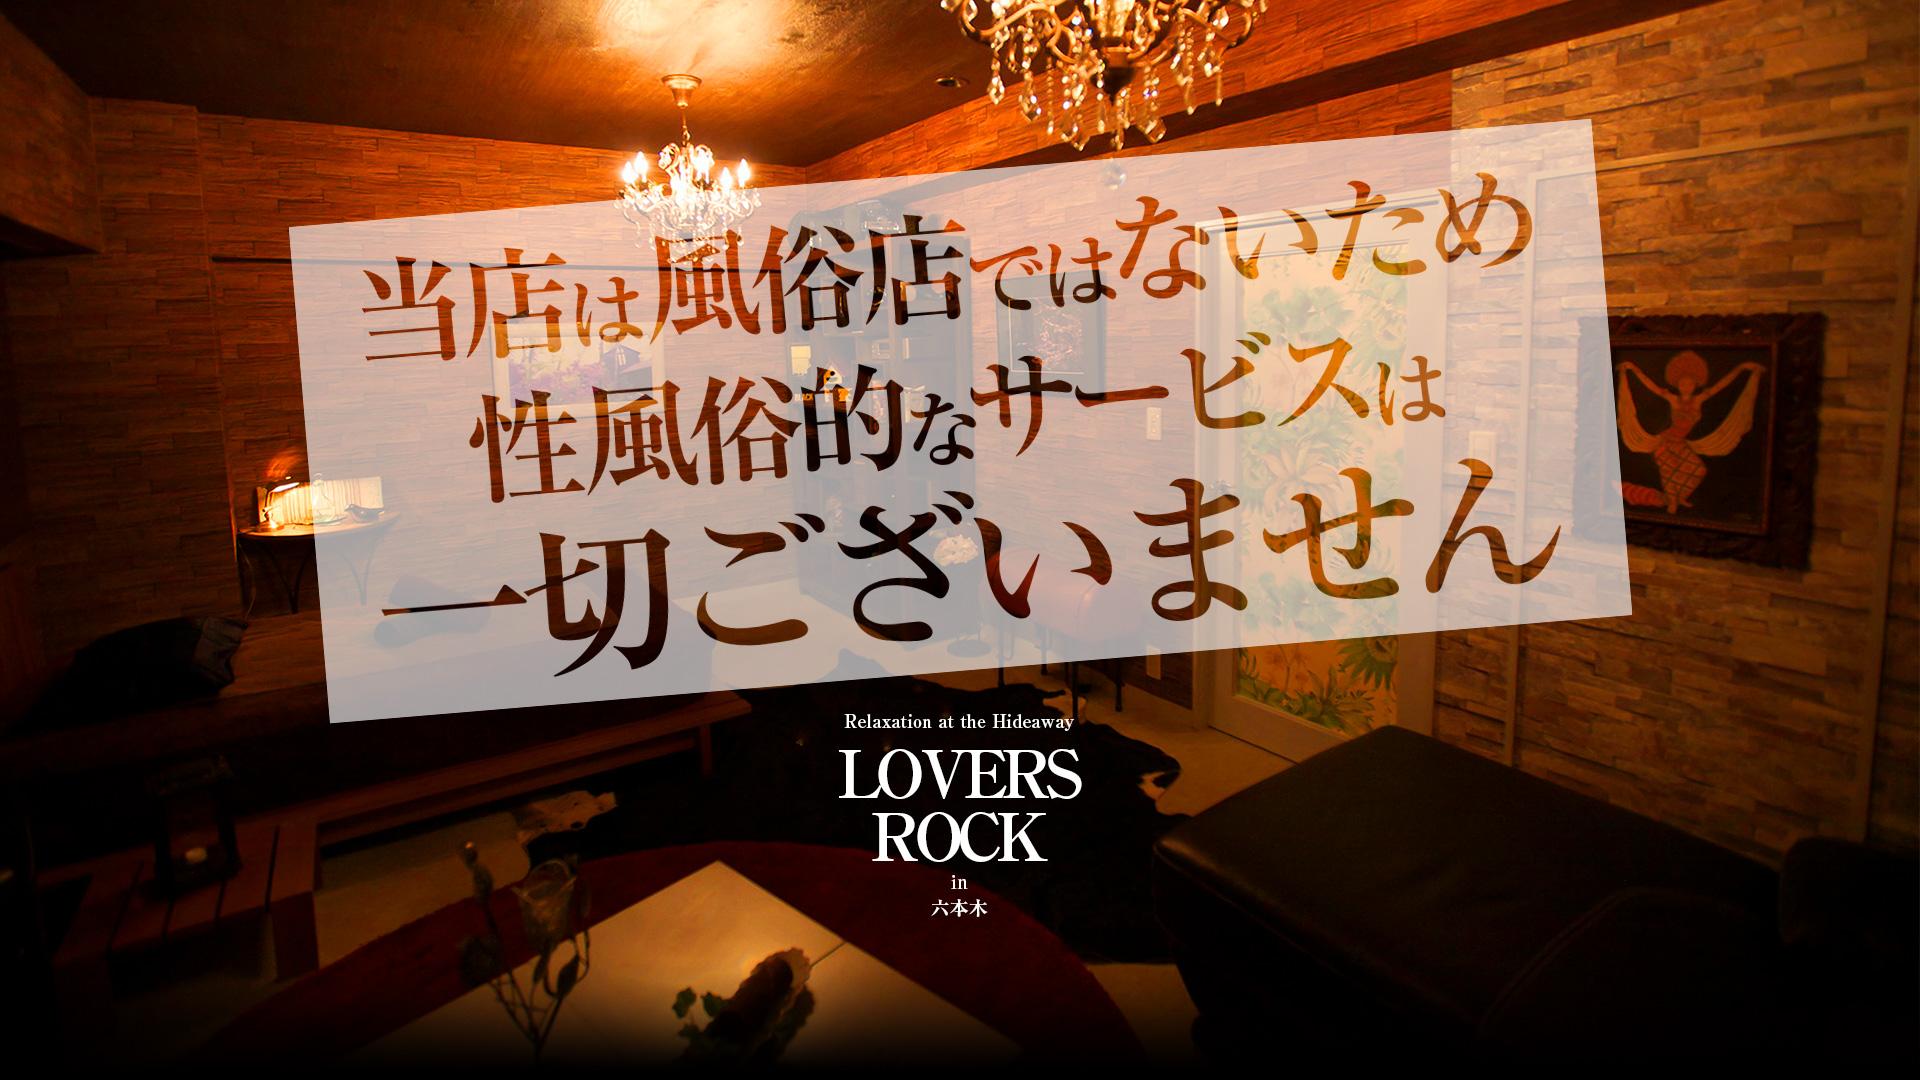 ラヴァーズロック~Lovers-rock~